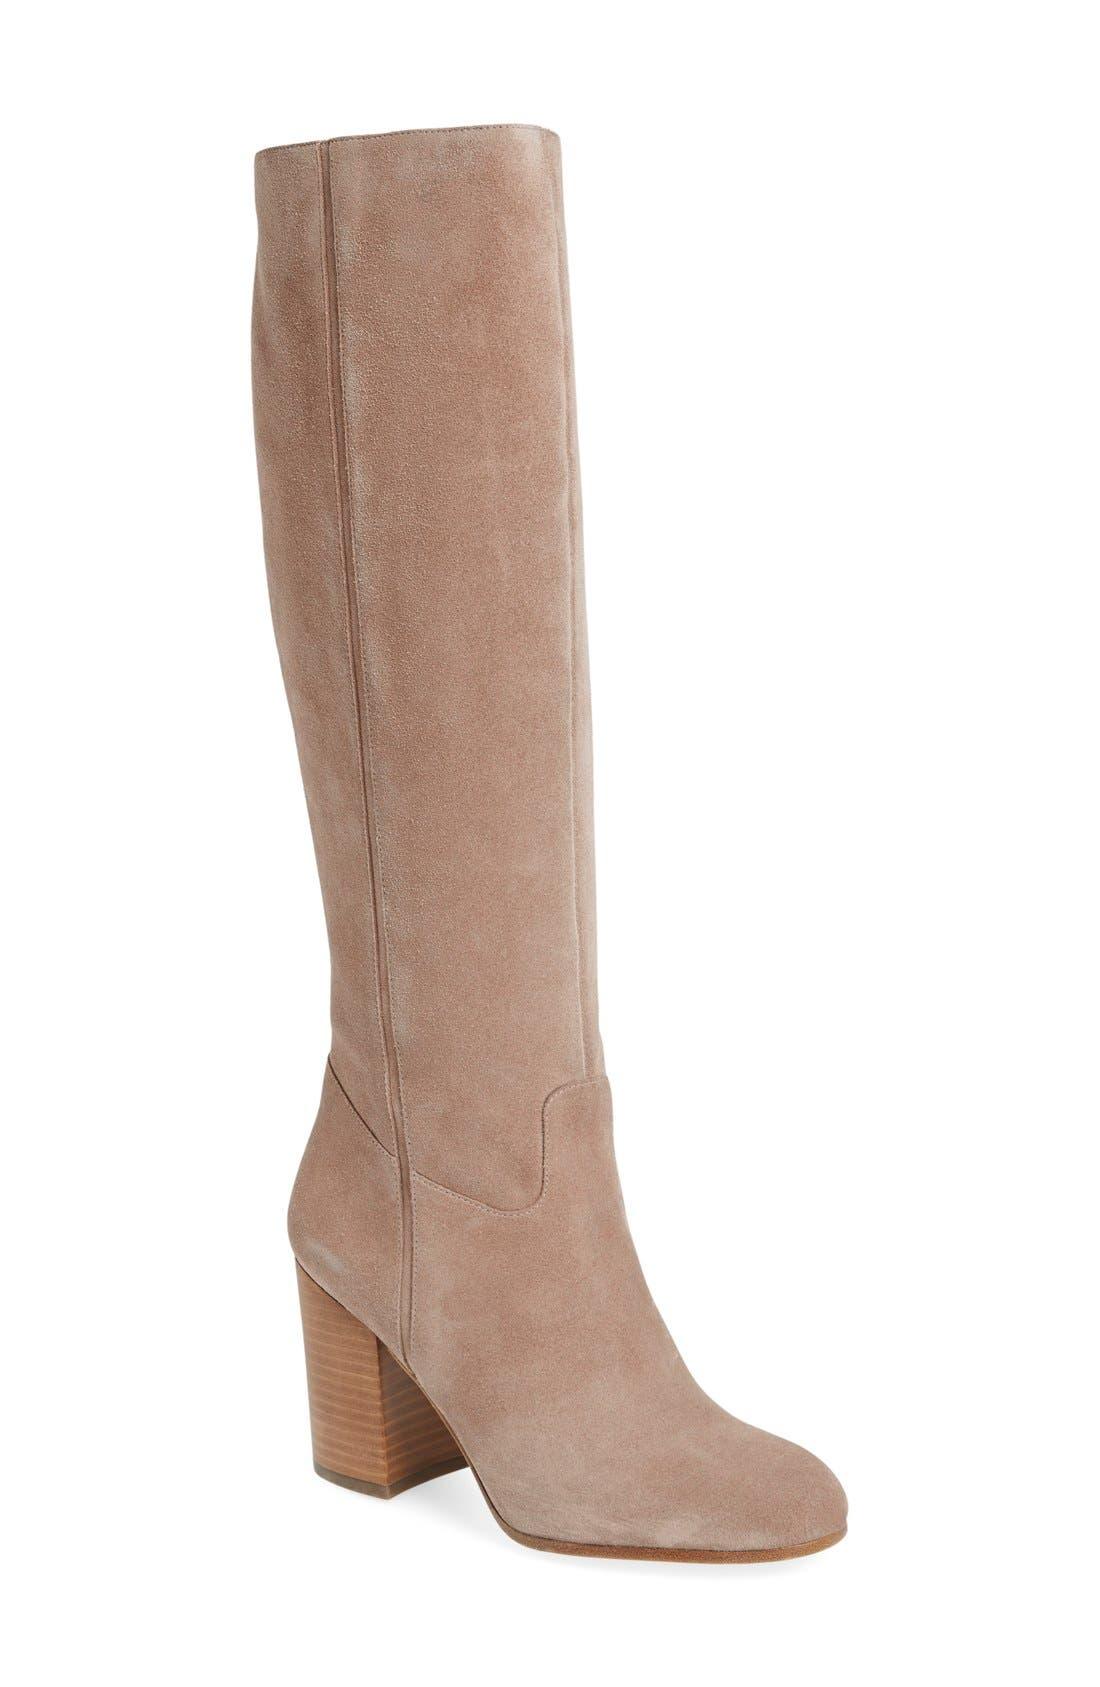 Main Image - Via Spiga 'Beckett' Tall Boot (Women)